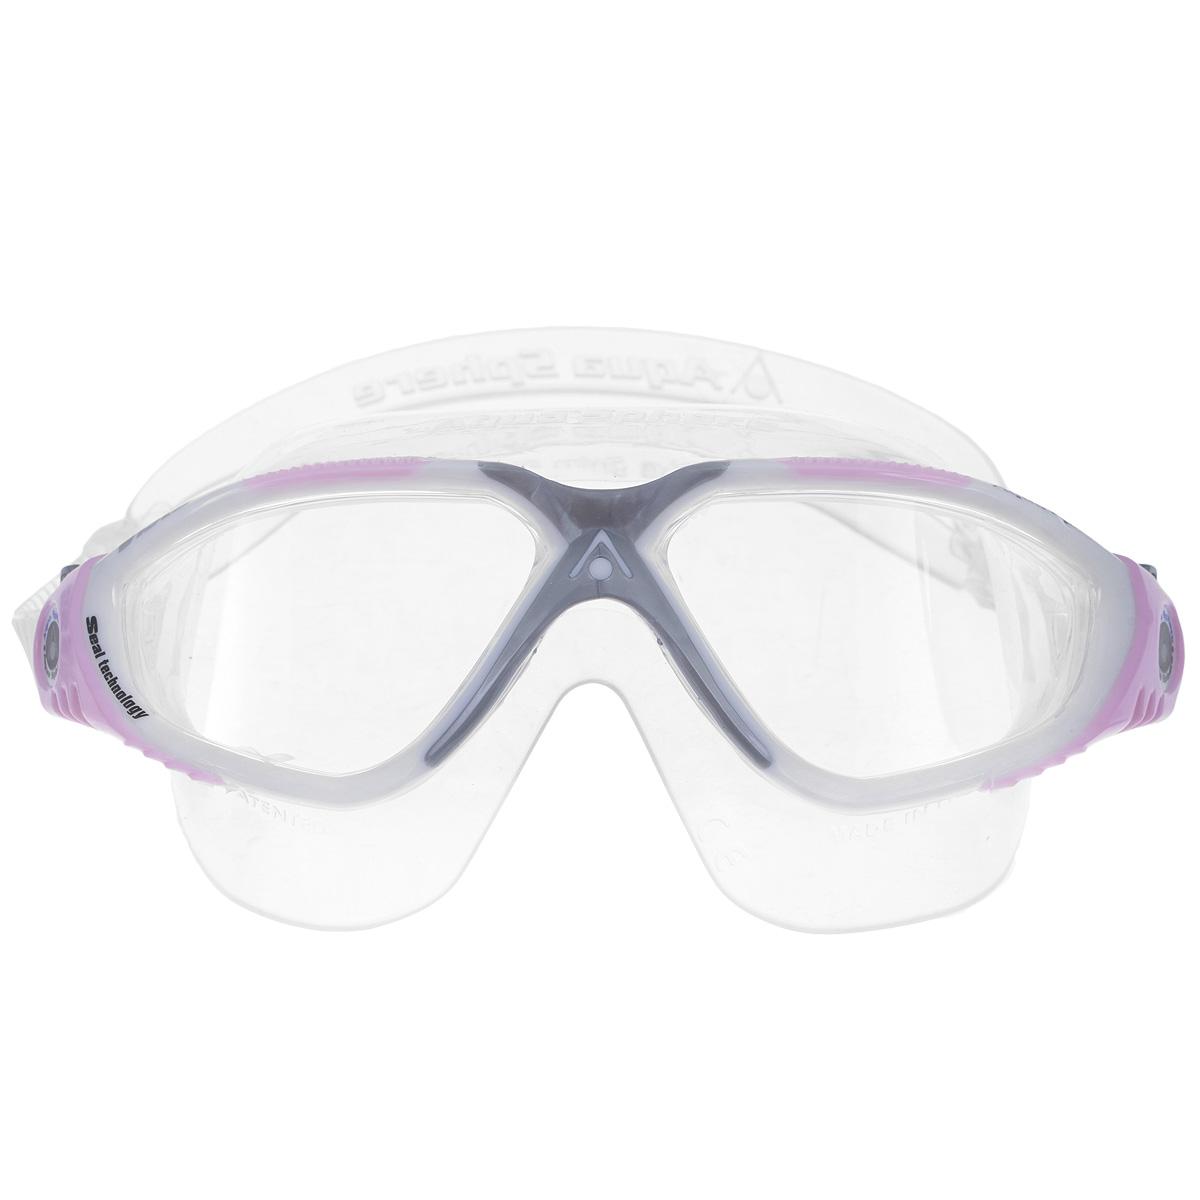 Очки для плавания Aqua Sphere Vista Lady, цвет: белый, розовый беруши силиконовые aqua sphere 4 шт